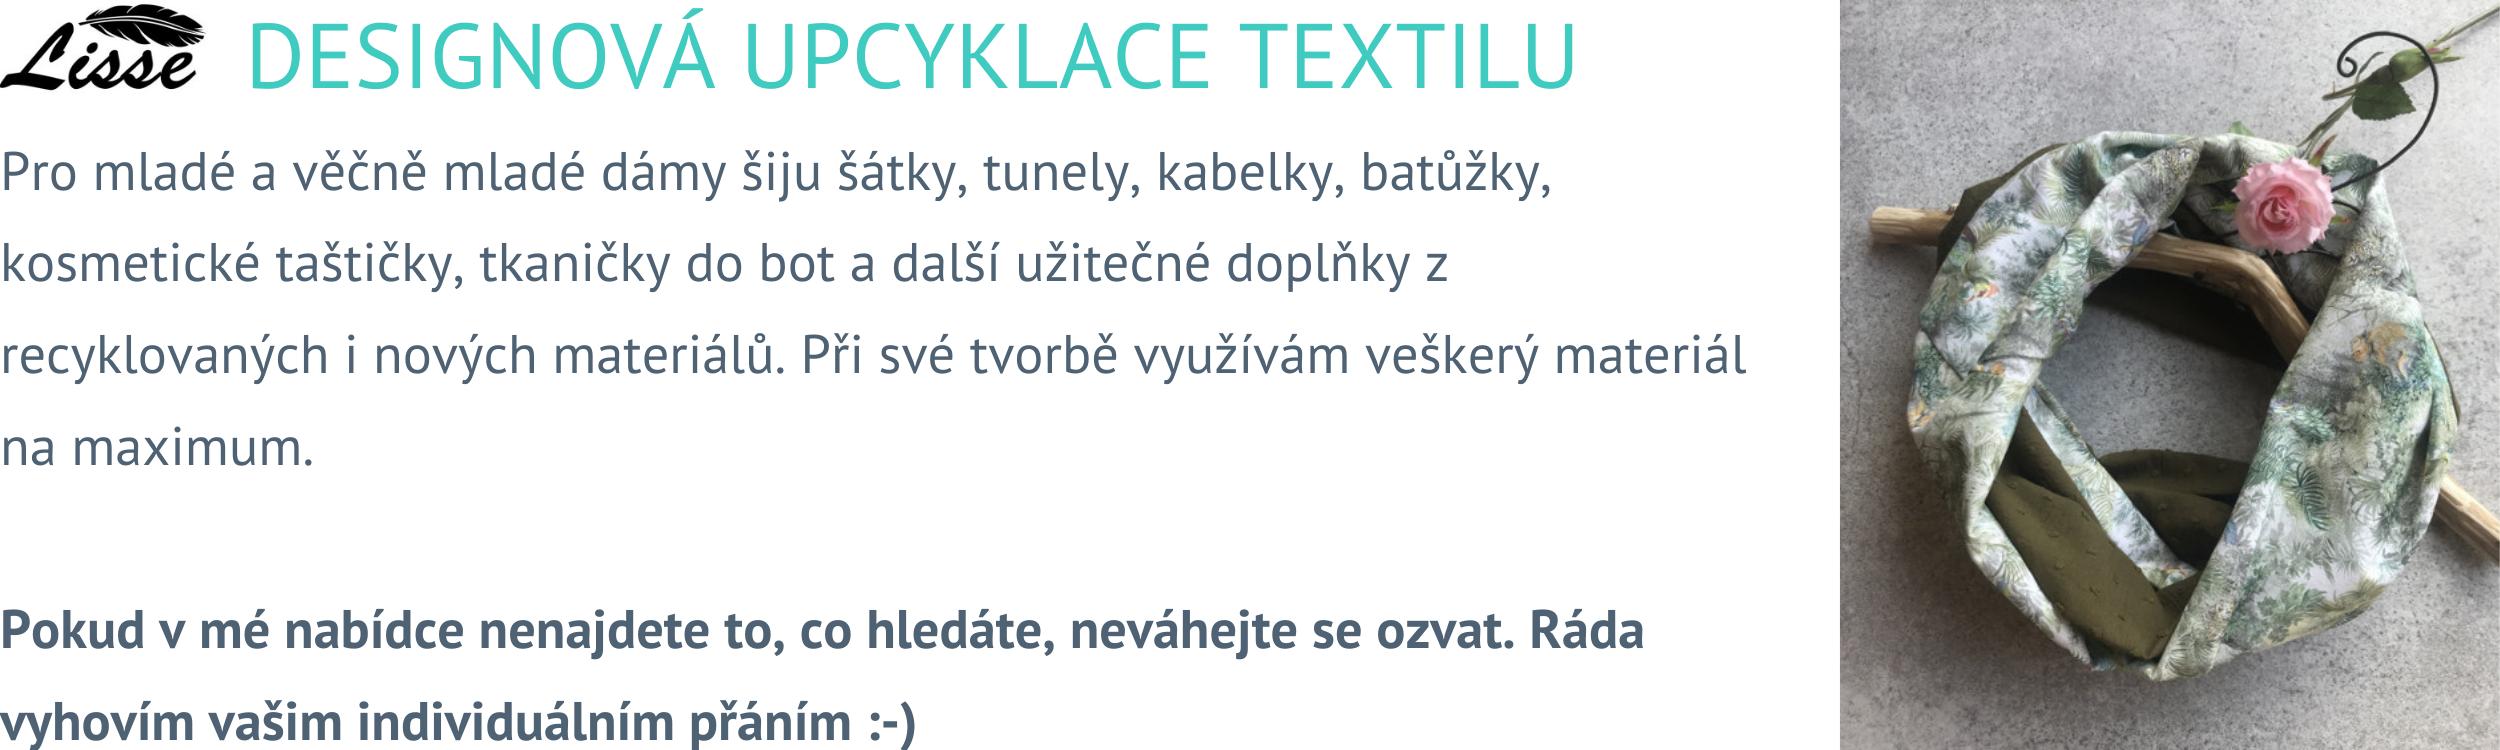 Designová upcyklace textilu Lisse